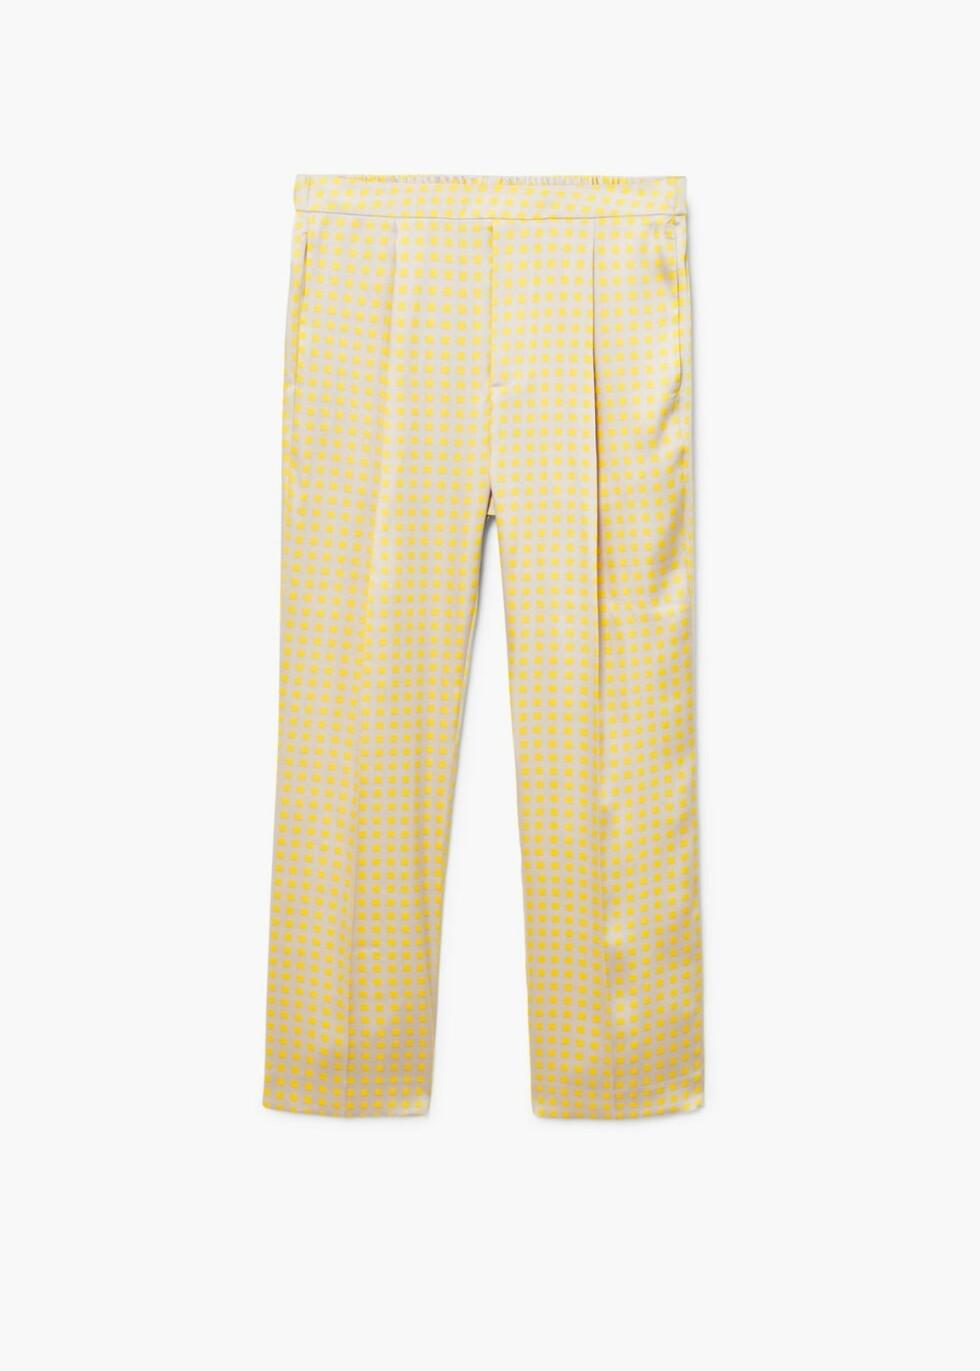 Bukse fra Mango  499,-  https://shop.mango.com/no/damer/bukser-straight/bukse-i-pyjamas-stil-med-m%C3%B8nster_21085717.html?c=12